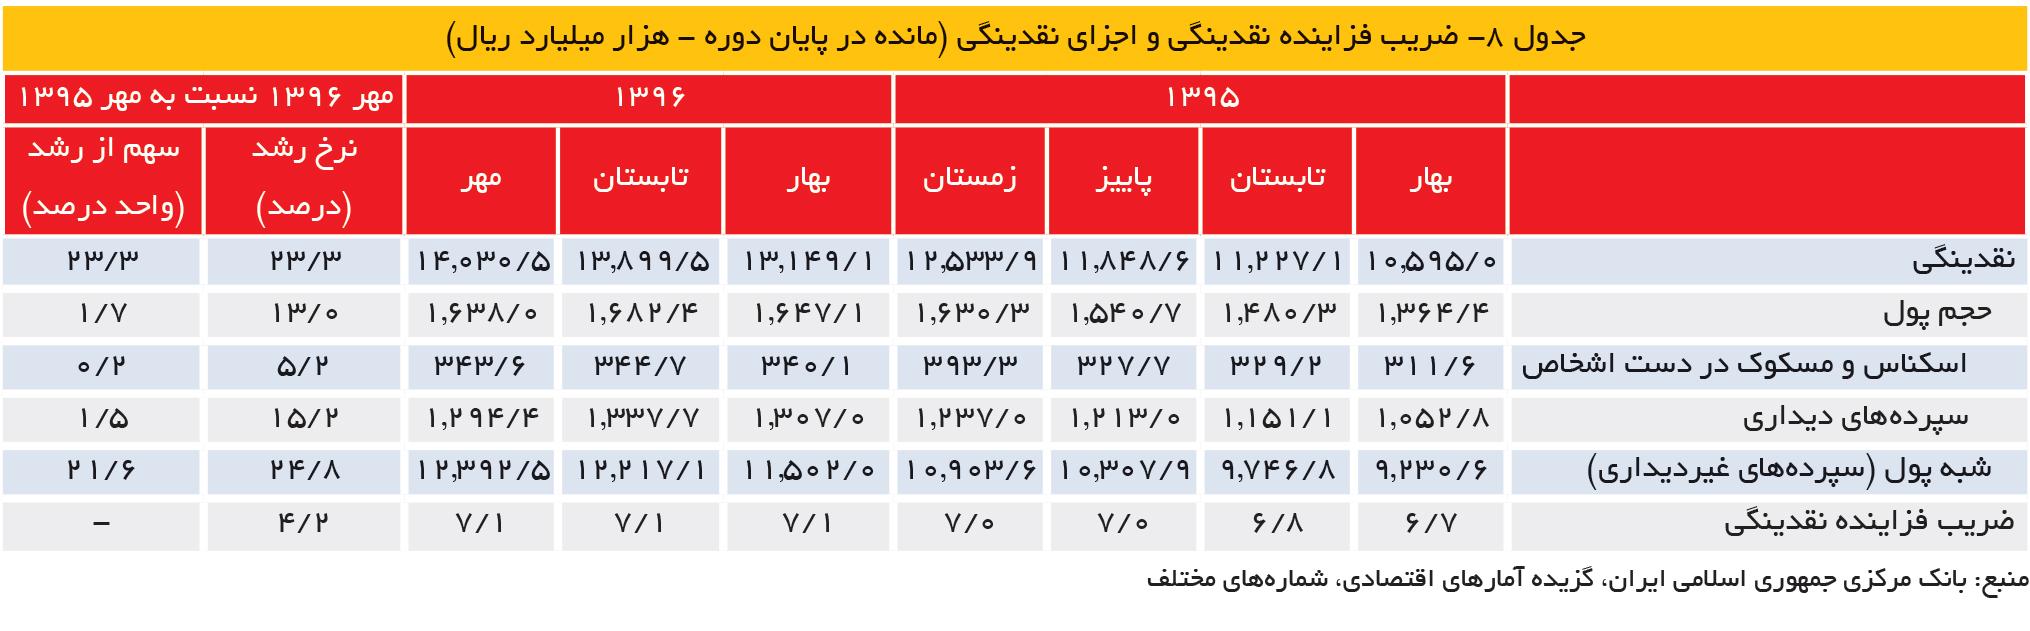 تجارت- فردا- جدول 8- ضریب فزاینده نقدینگی و اجزای نقدینگی (مانده در پایان دوره - هزار میلیارد ریال)